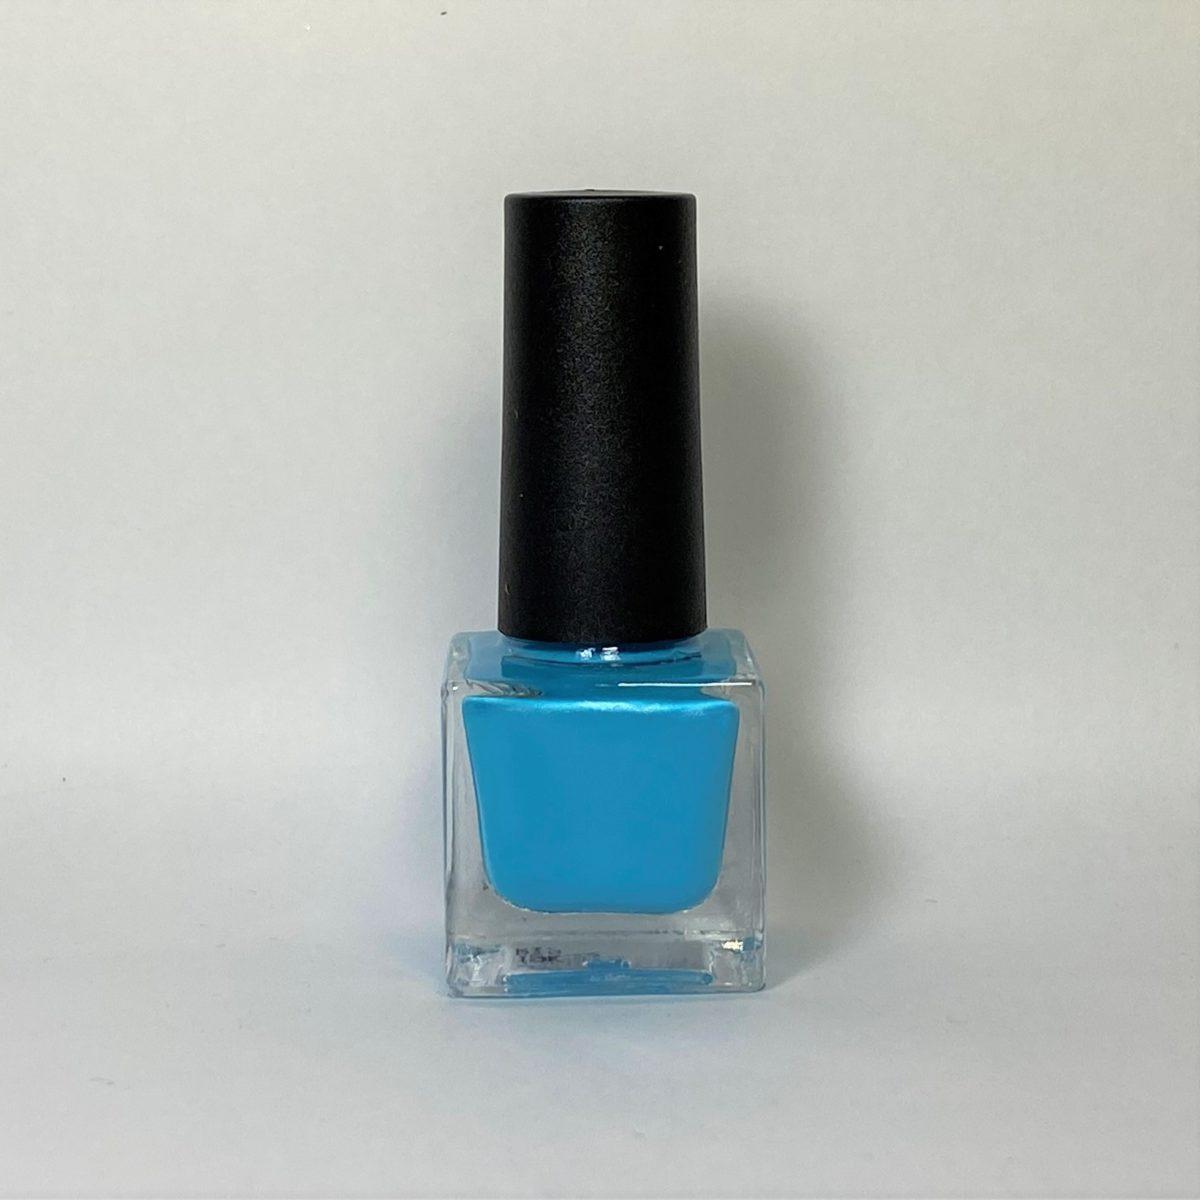 ネイルポリッシュ R19 Light Sky Blue